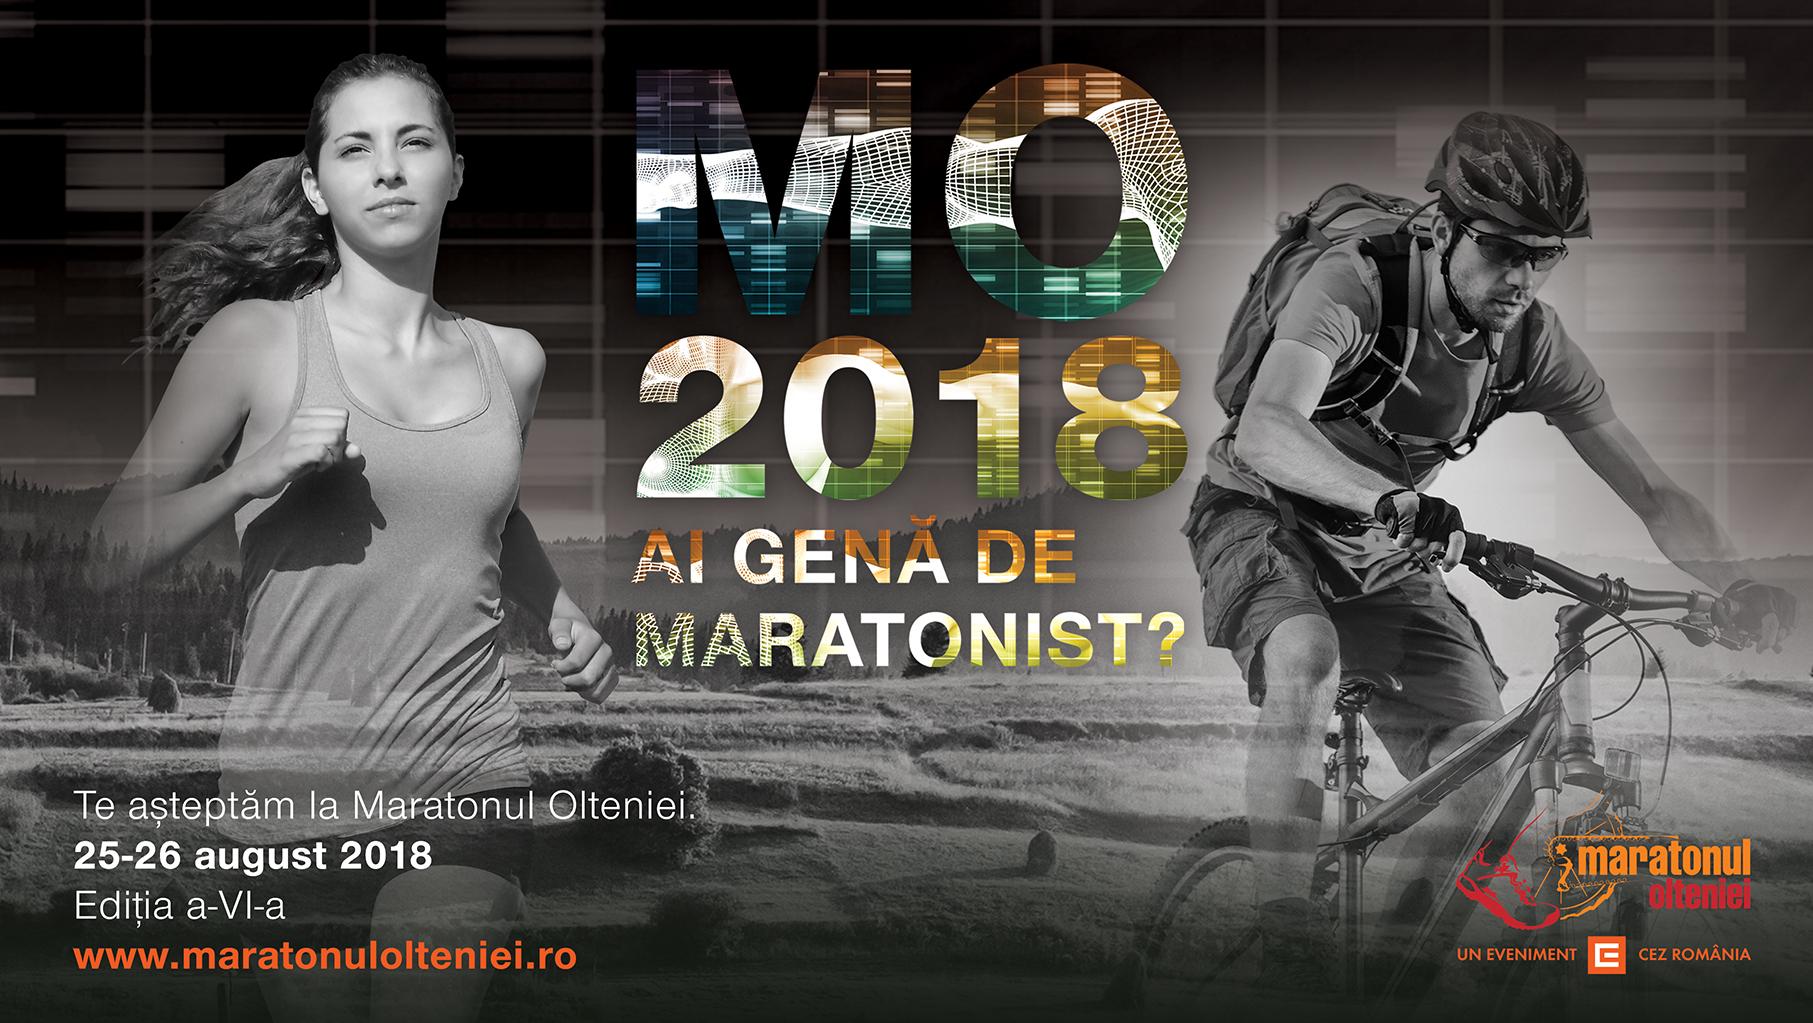 Maratonul Olteniei: ai genă de maratonist?